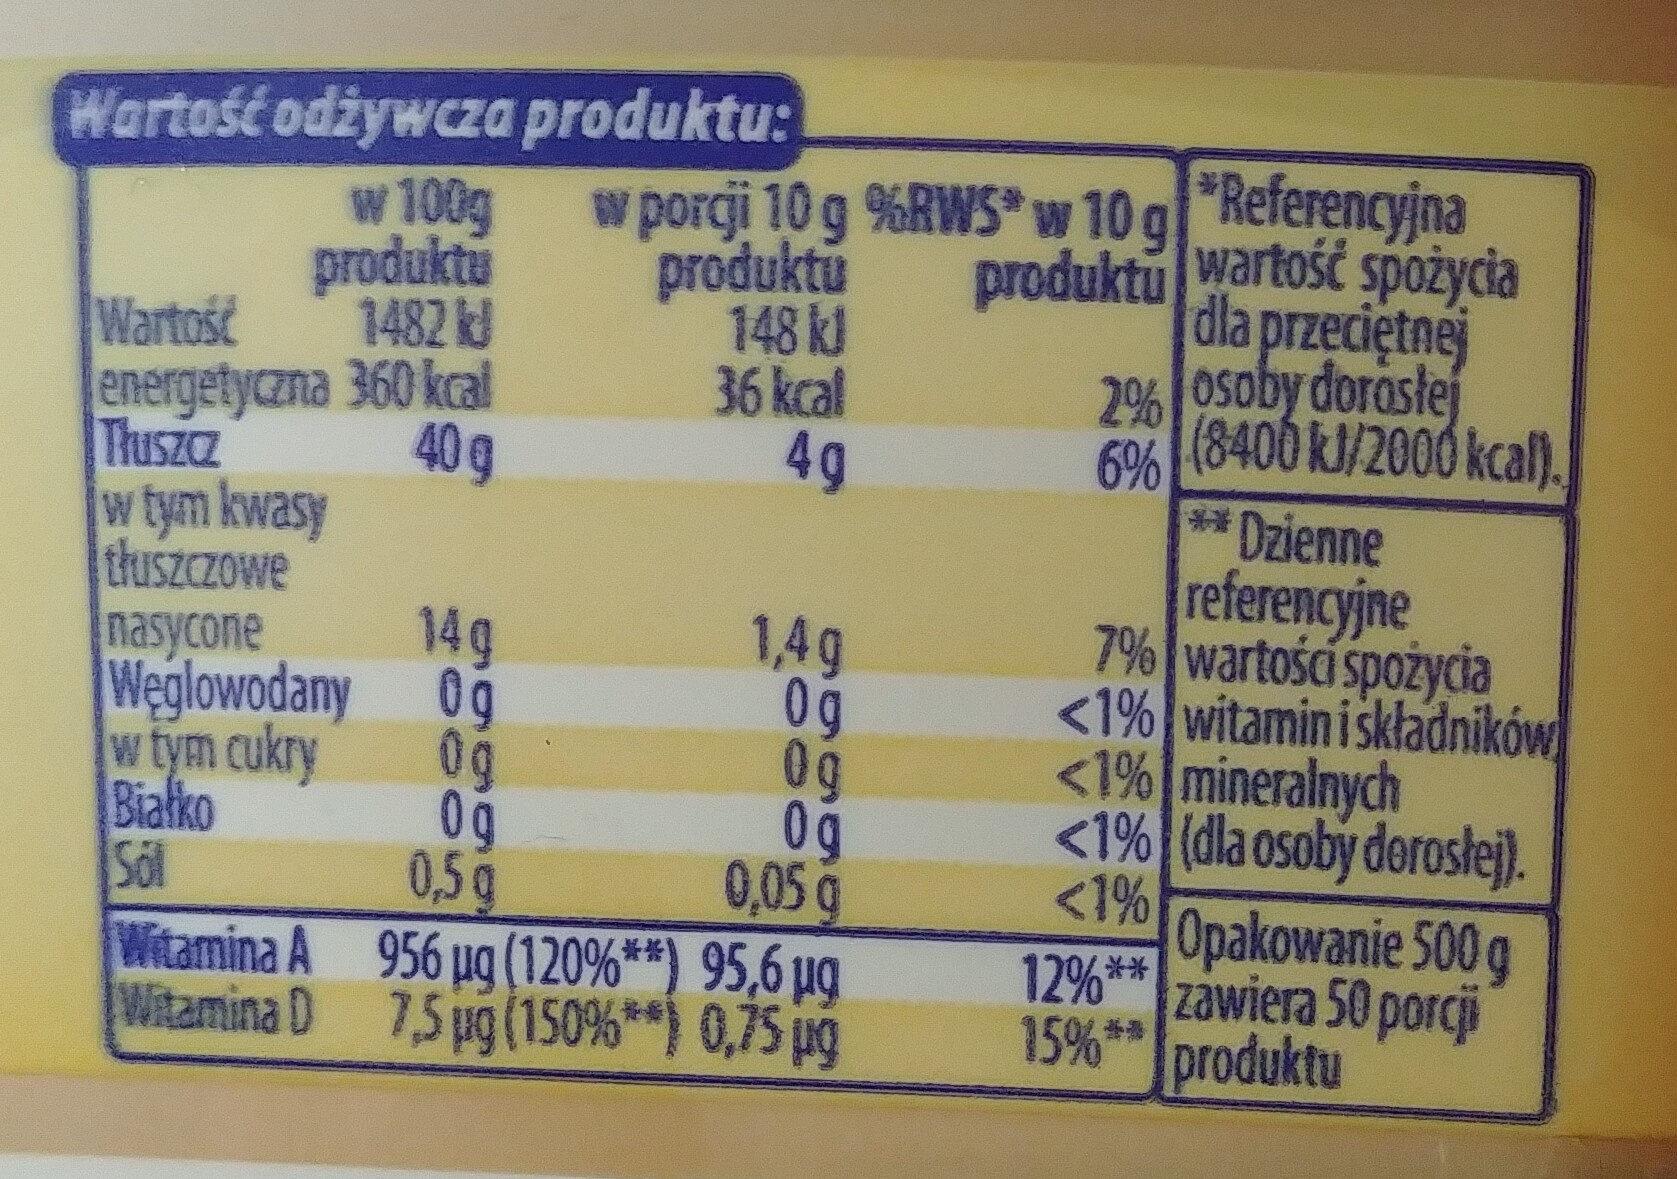 Margaryna półtłusta 40%. Do smarowania. - Wartości odżywcze - pl